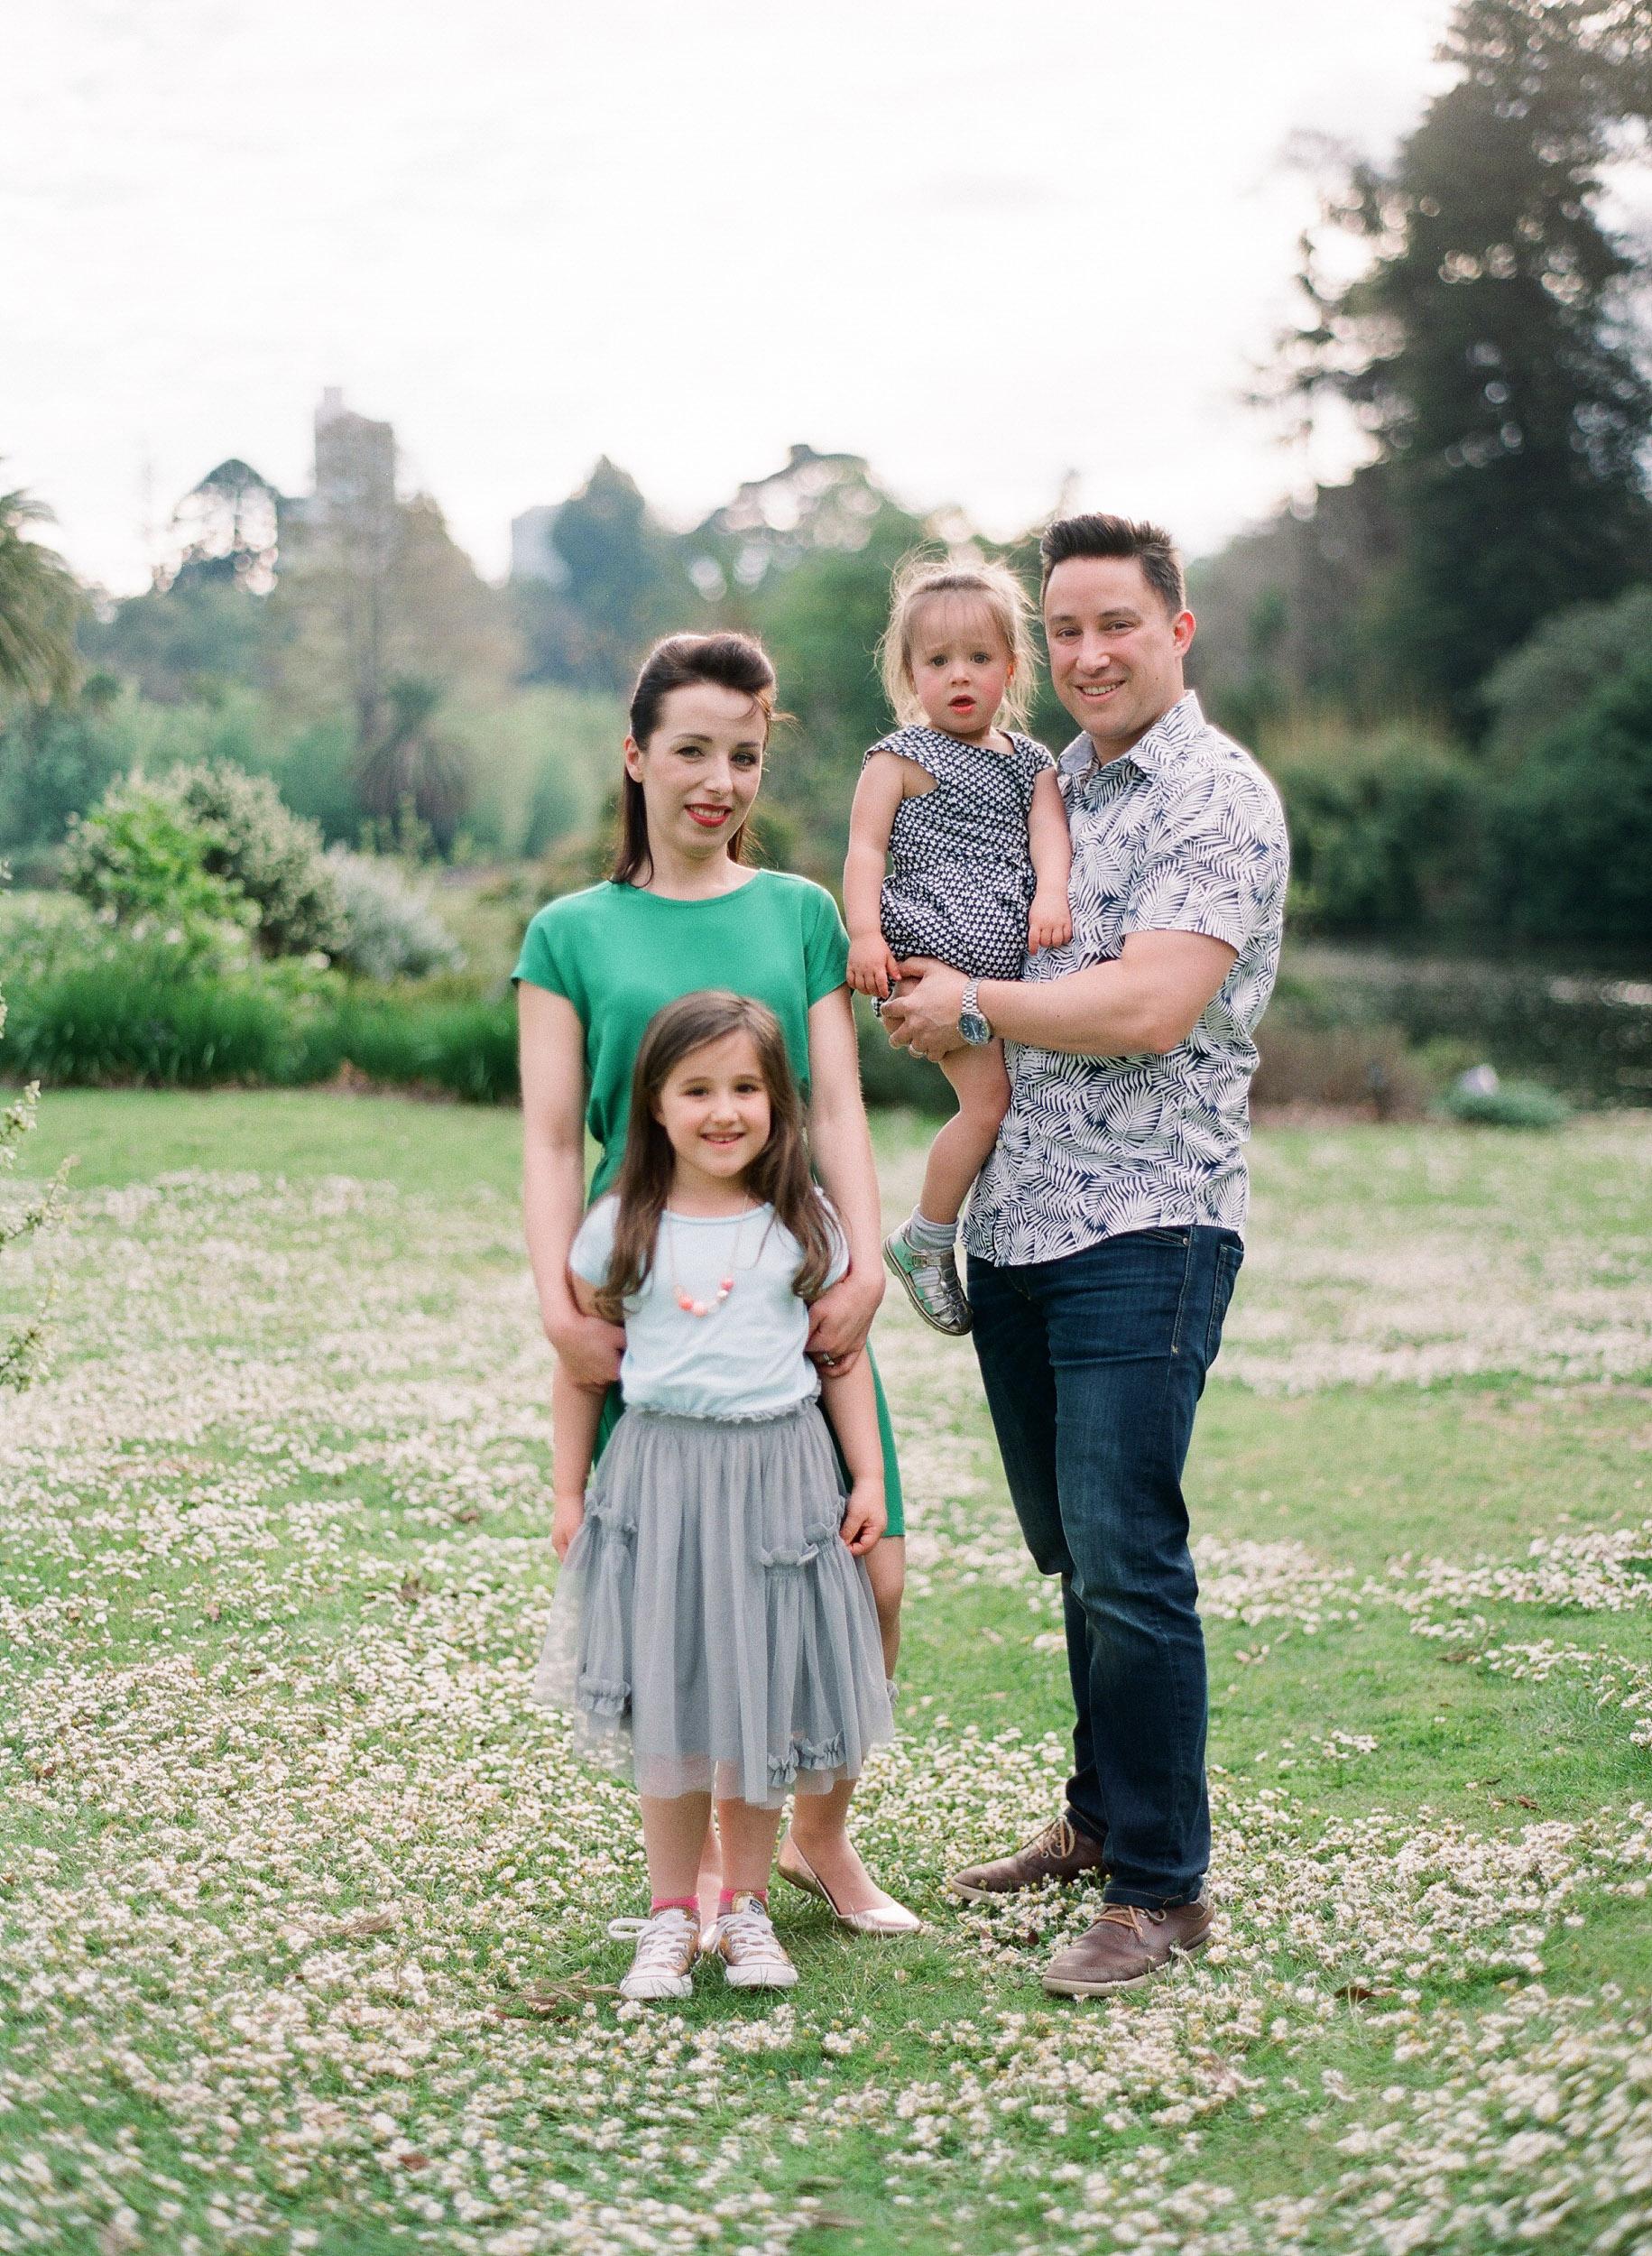 family (11 of 12) - 000077320008.jpg